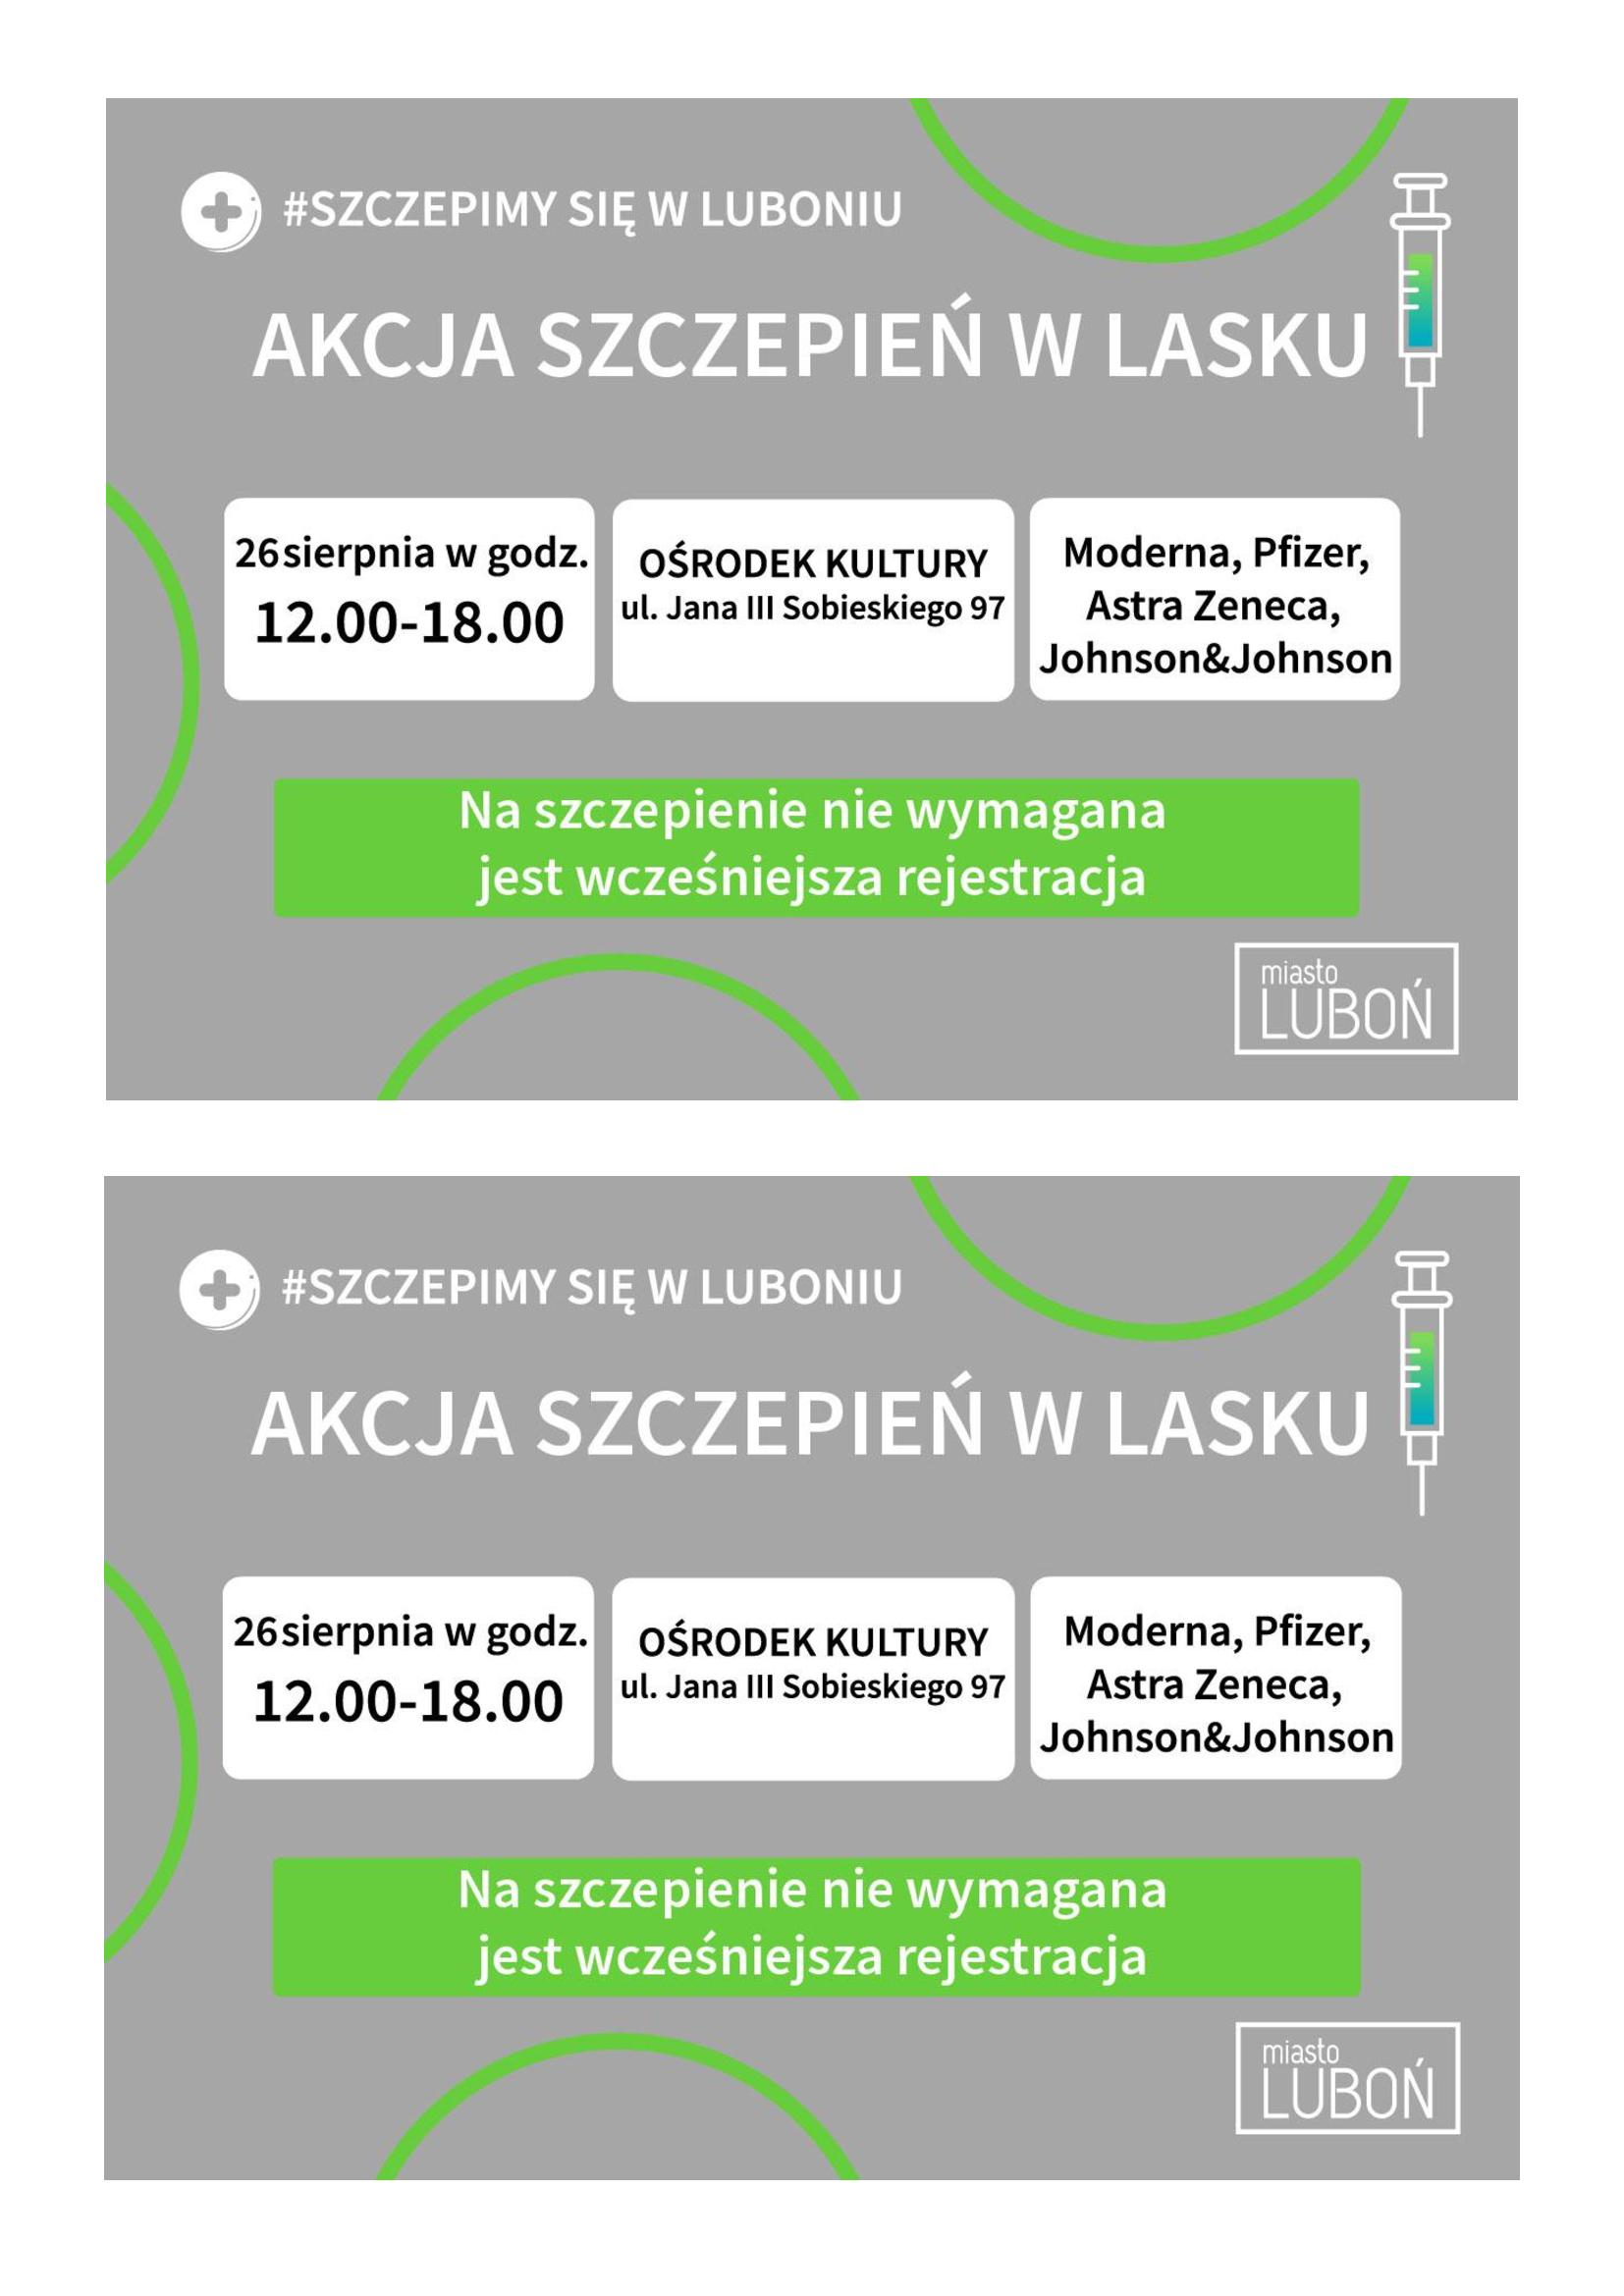 Akcja szczepień w Ośrodku Kultury